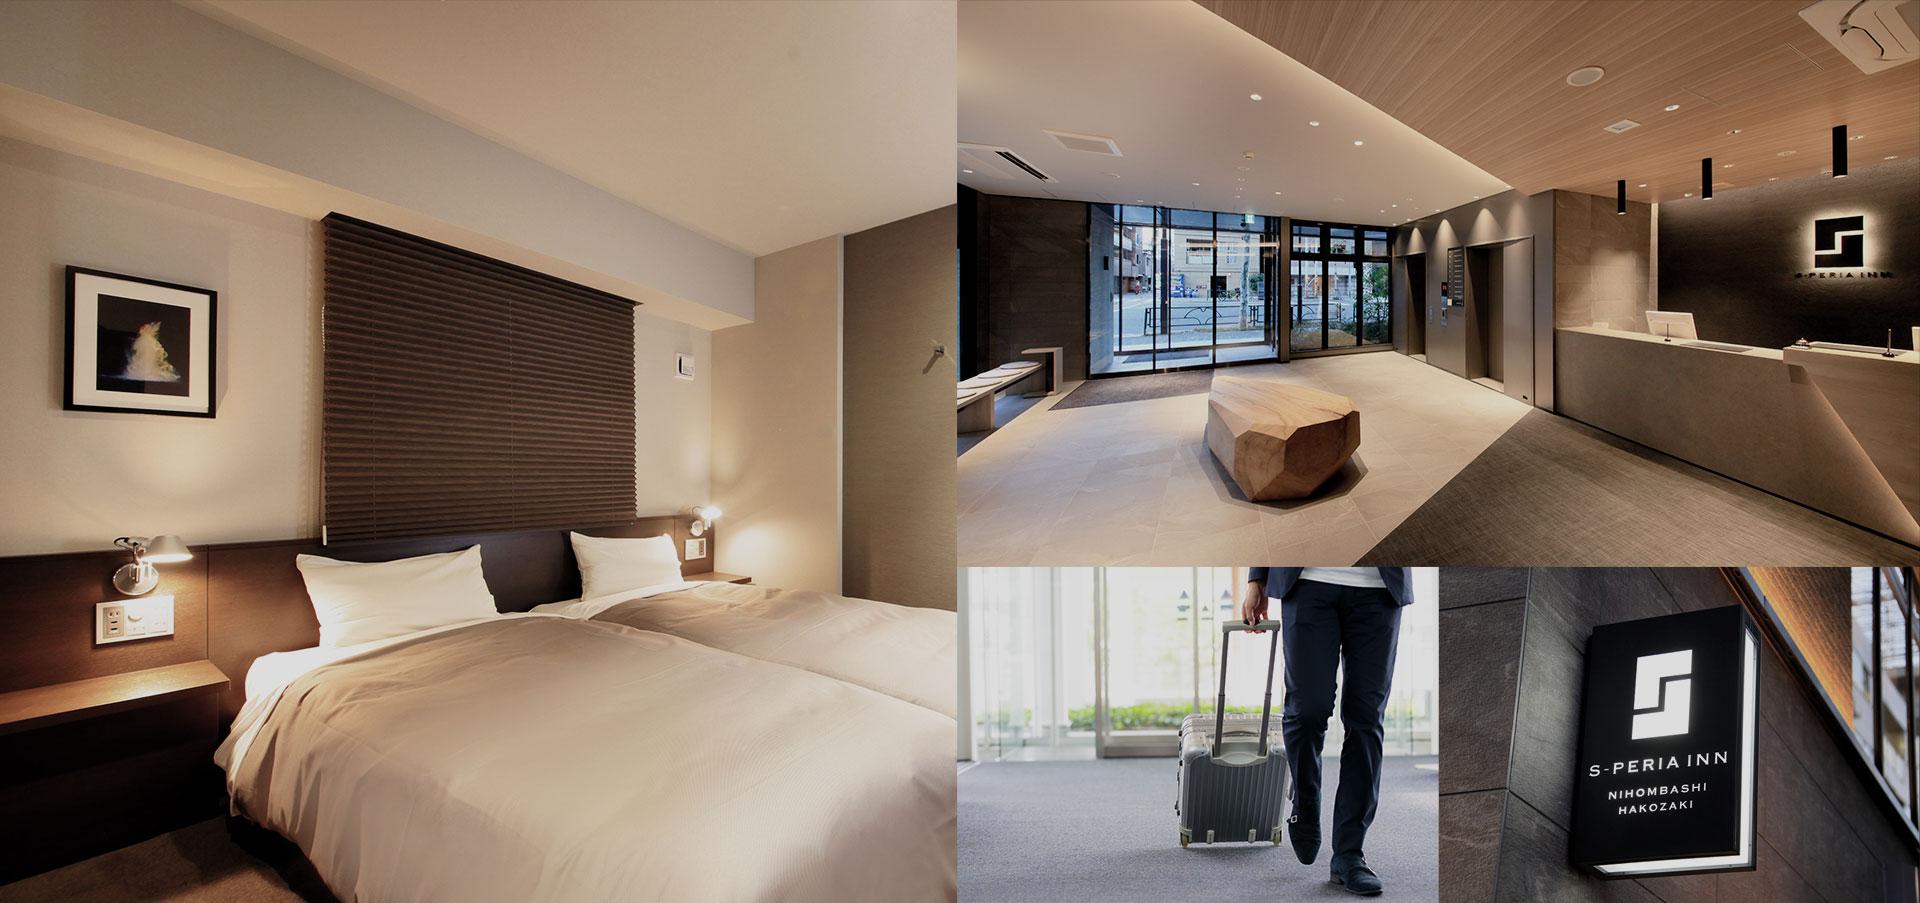 エスペリアイン日本橋箱崎 2018年11月GRAND OPEN 東京シティエアターミナルまで徒歩3分。ビジネスに、レジャーに快適なスタイリッシュホテル、誕生。